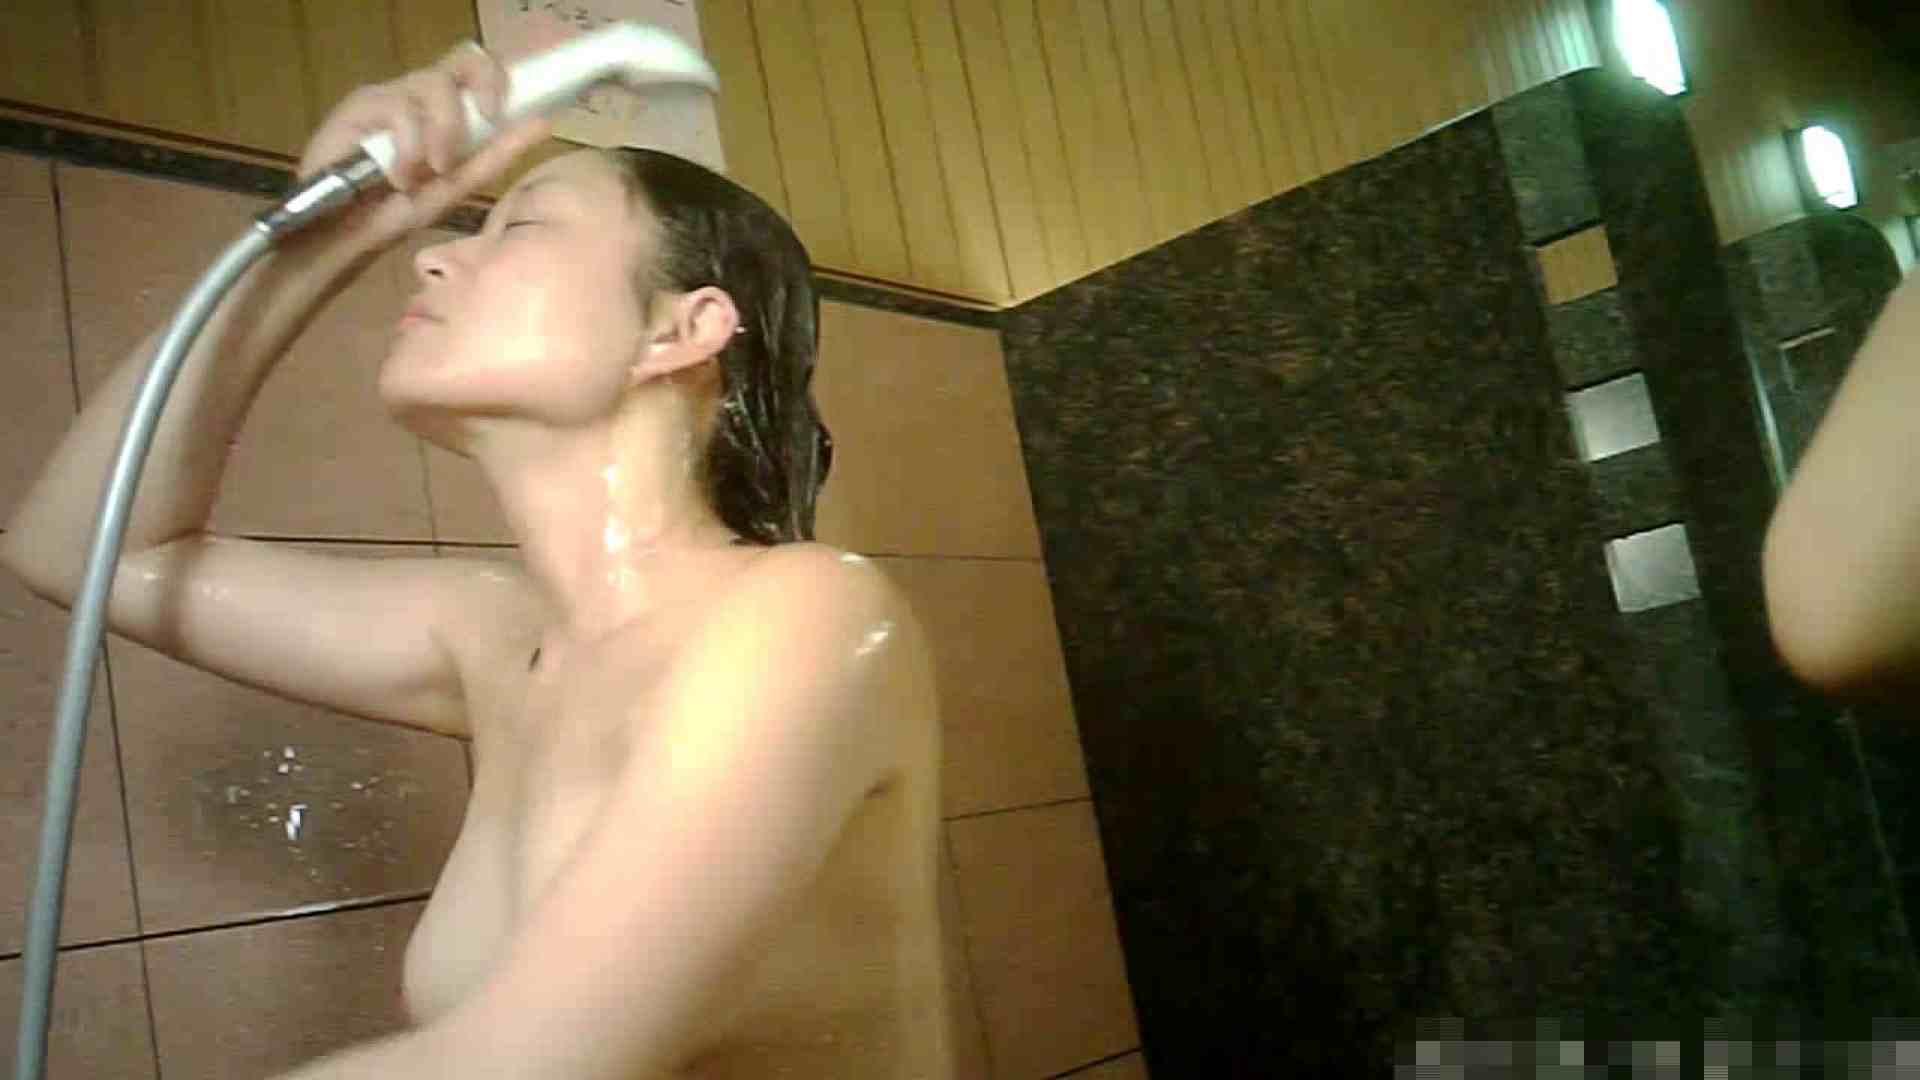 手を染めてしまった女性盗撮師の女風呂潜入記 vol.001 0   0  33画像 20